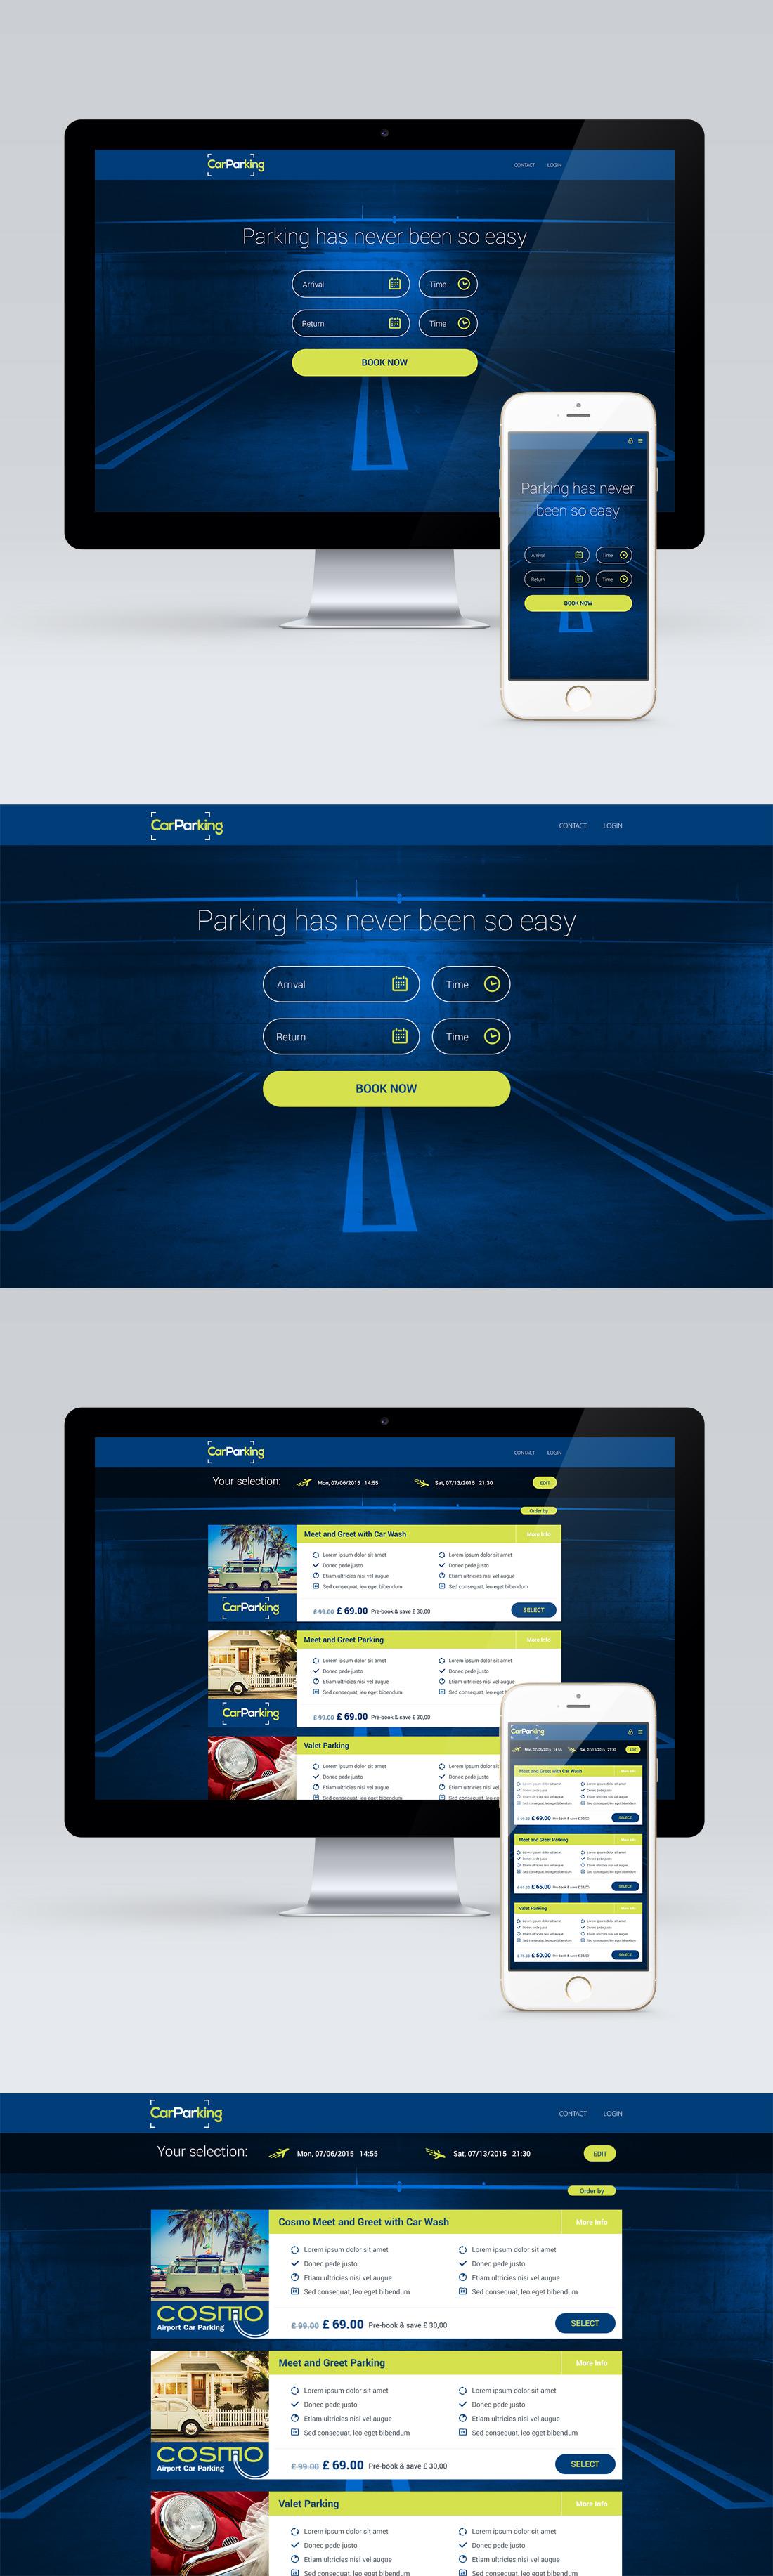 carparking_blue